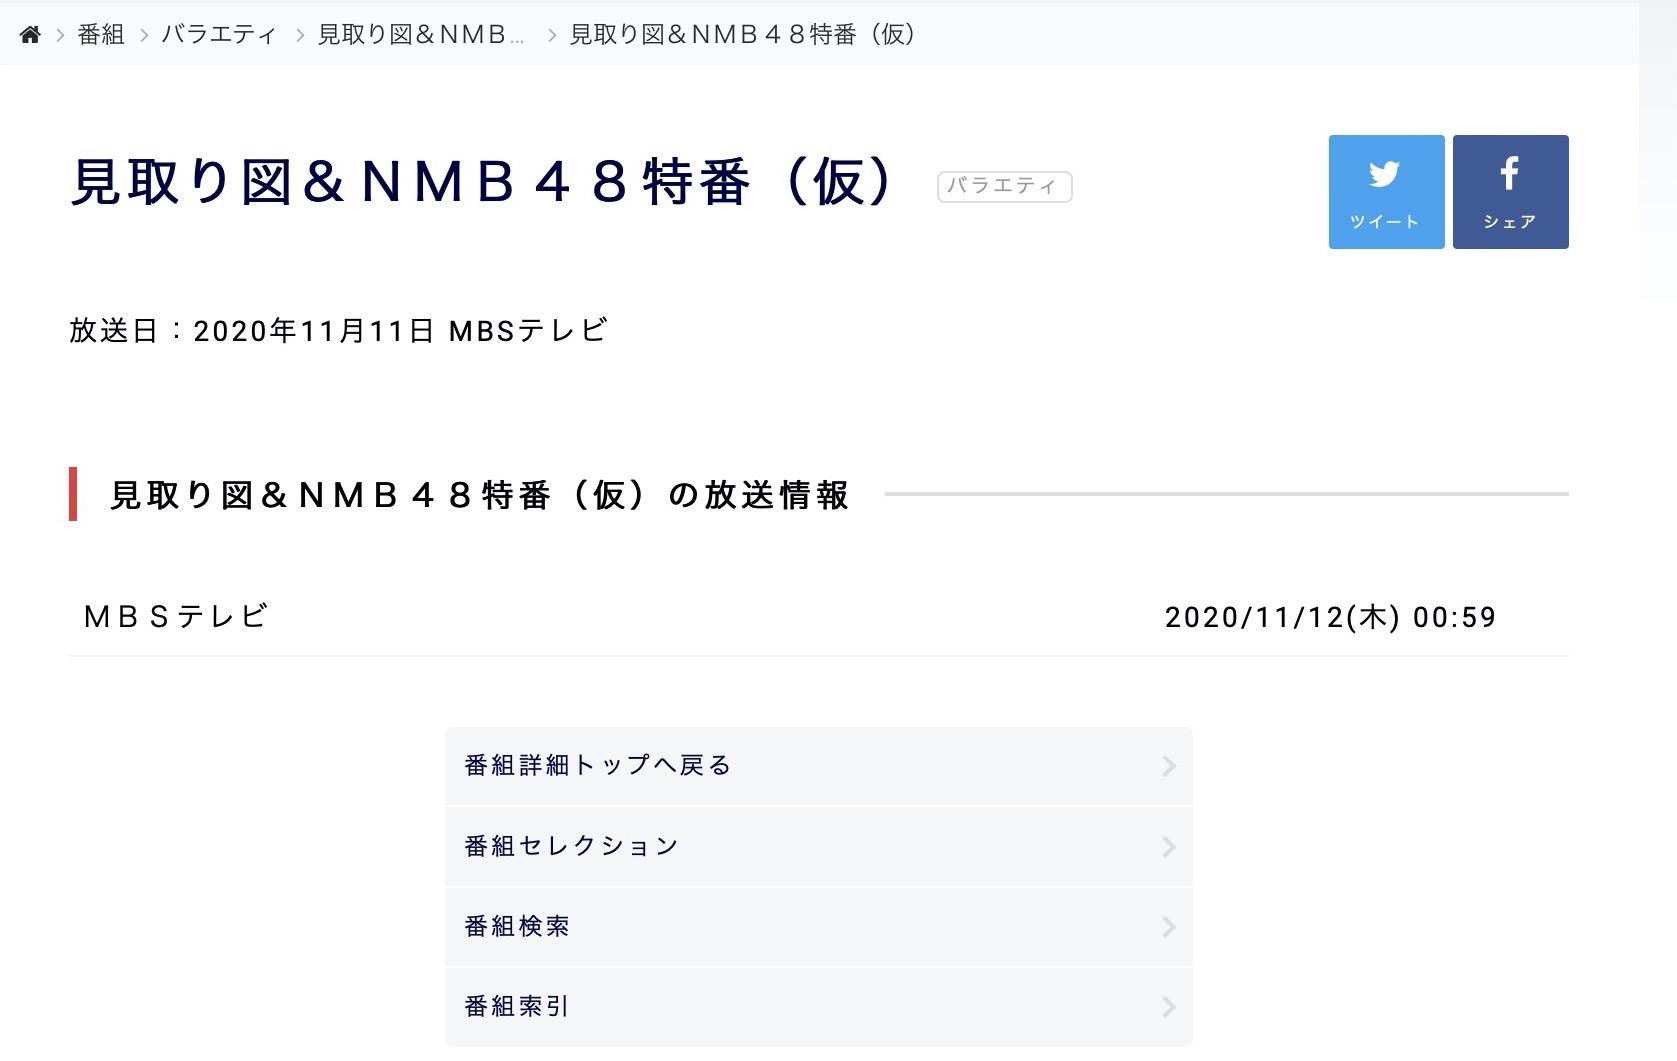 【NMB48】11/11にMBSテレビで「見取り図&NMB48特番(仮)」が放送